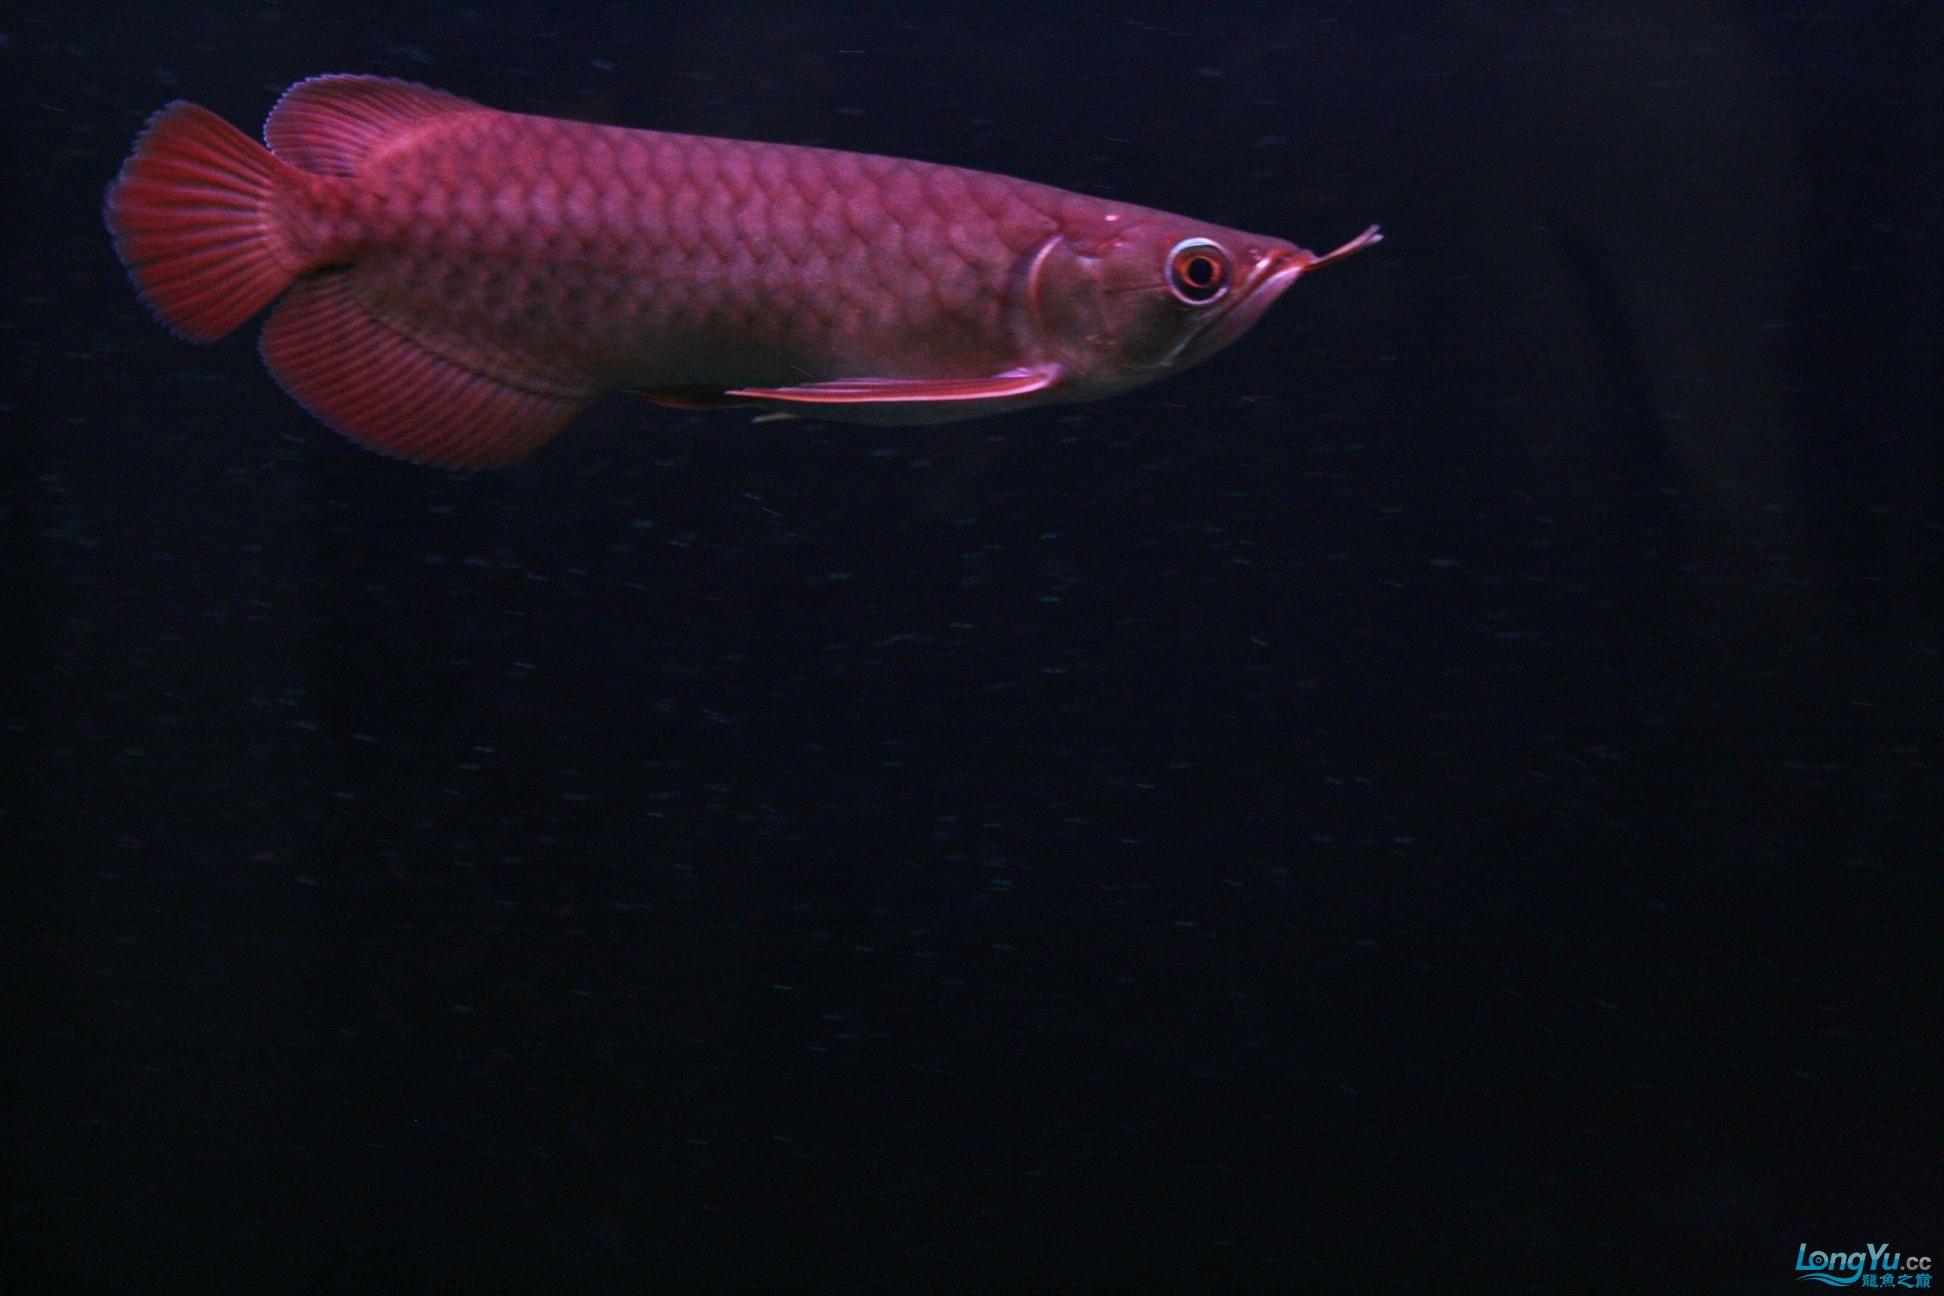 【已售】8月24日新到政锡超血王龙王(803)20cm (短身)6800 达州龙鱼论坛 达州水族批发市场第7张